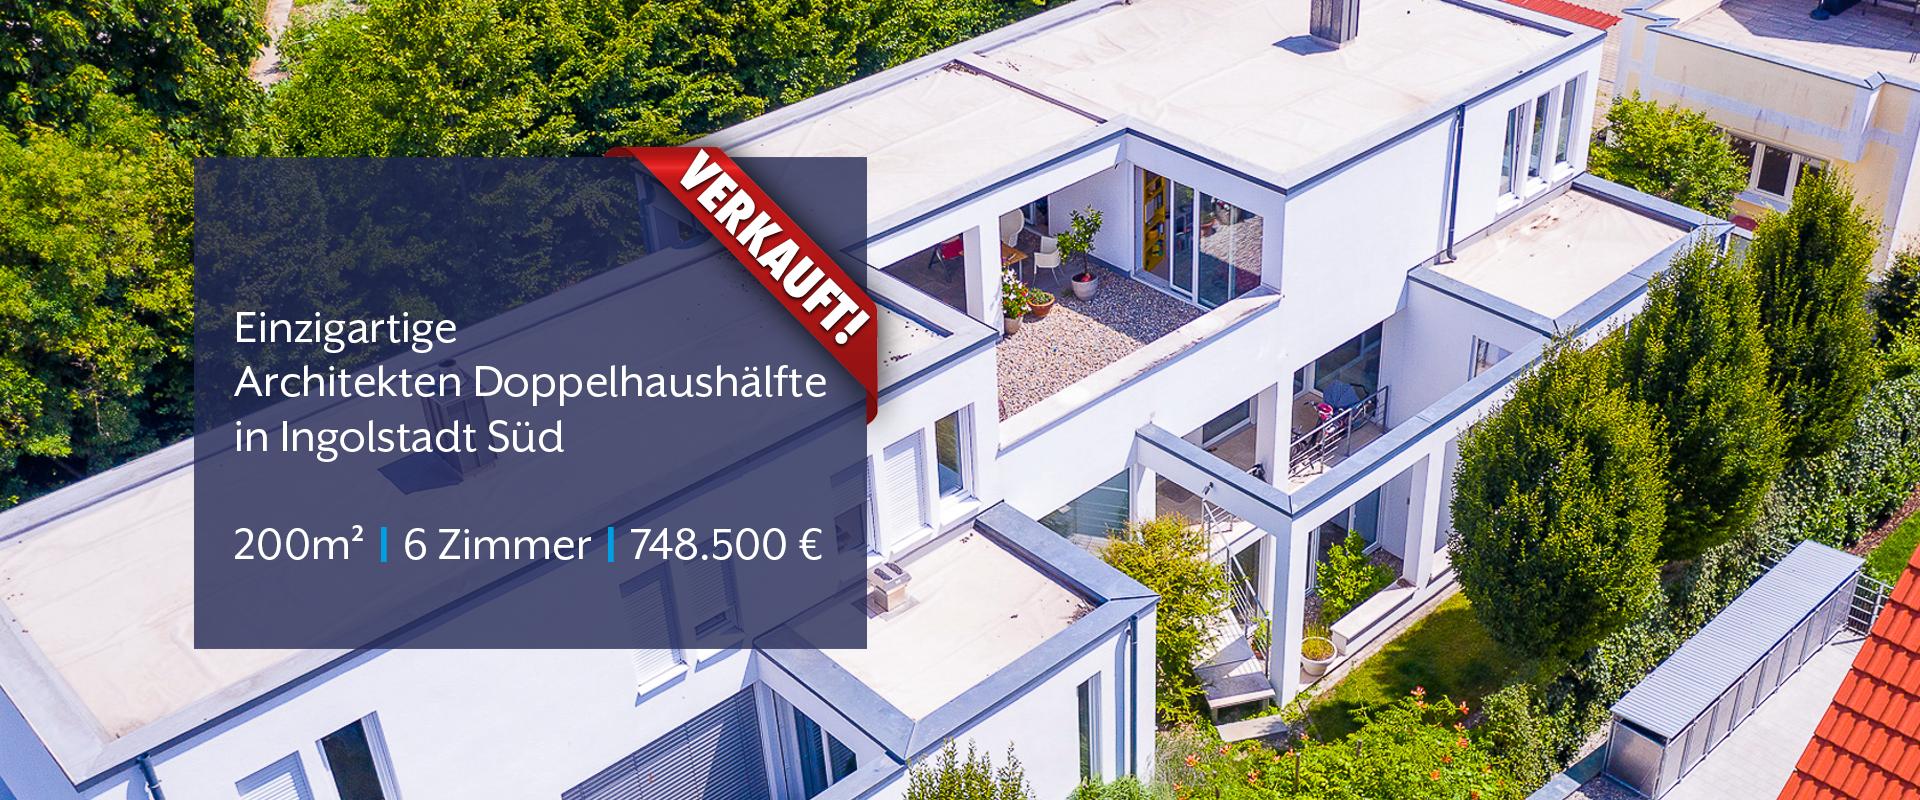 Unsere Angebote | Dennis Richarz Immobilien